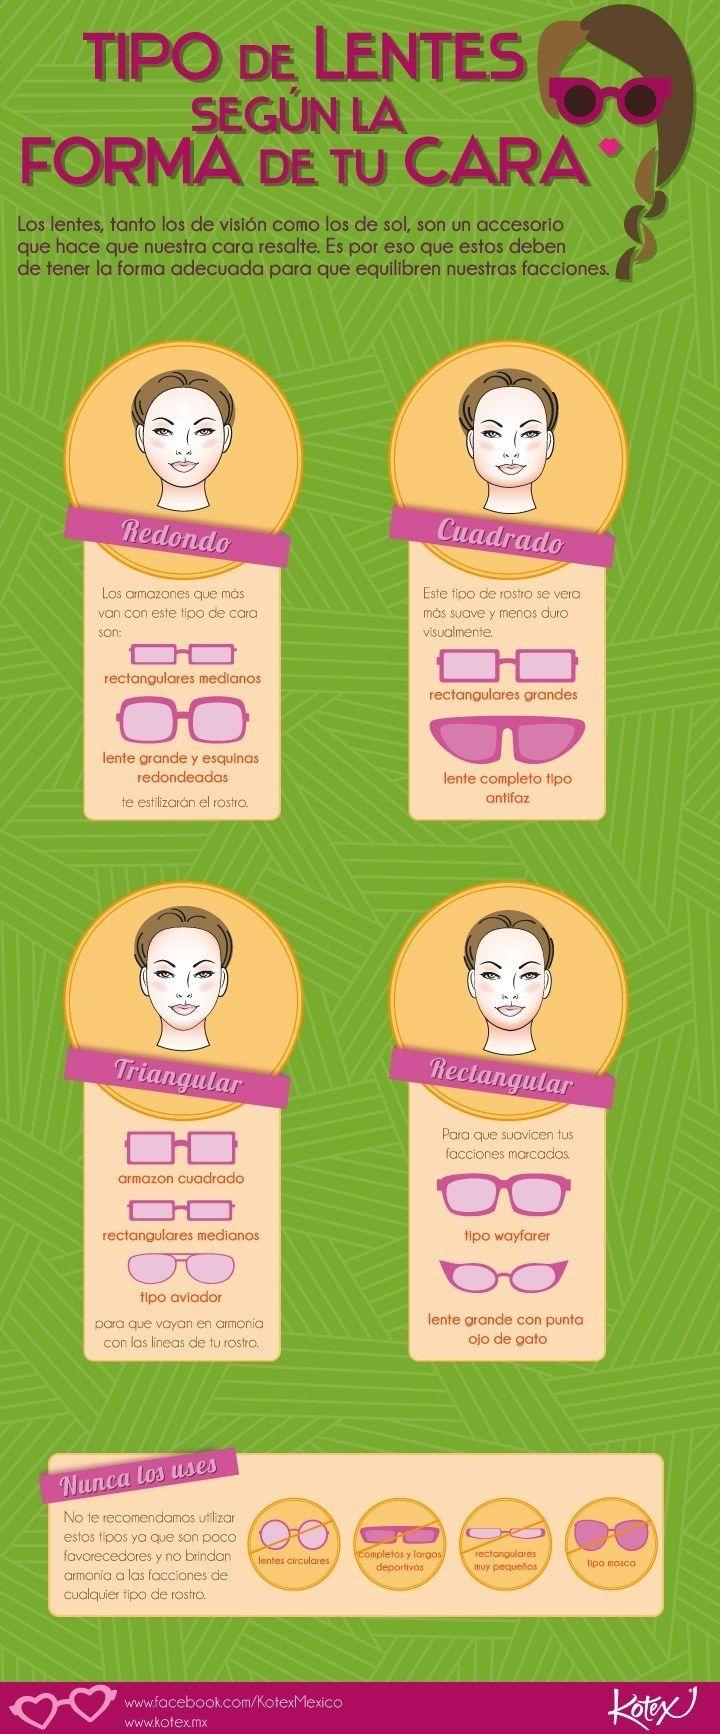 17 Importantes trucos de maquillaje que toda chica con lentes debe conocer